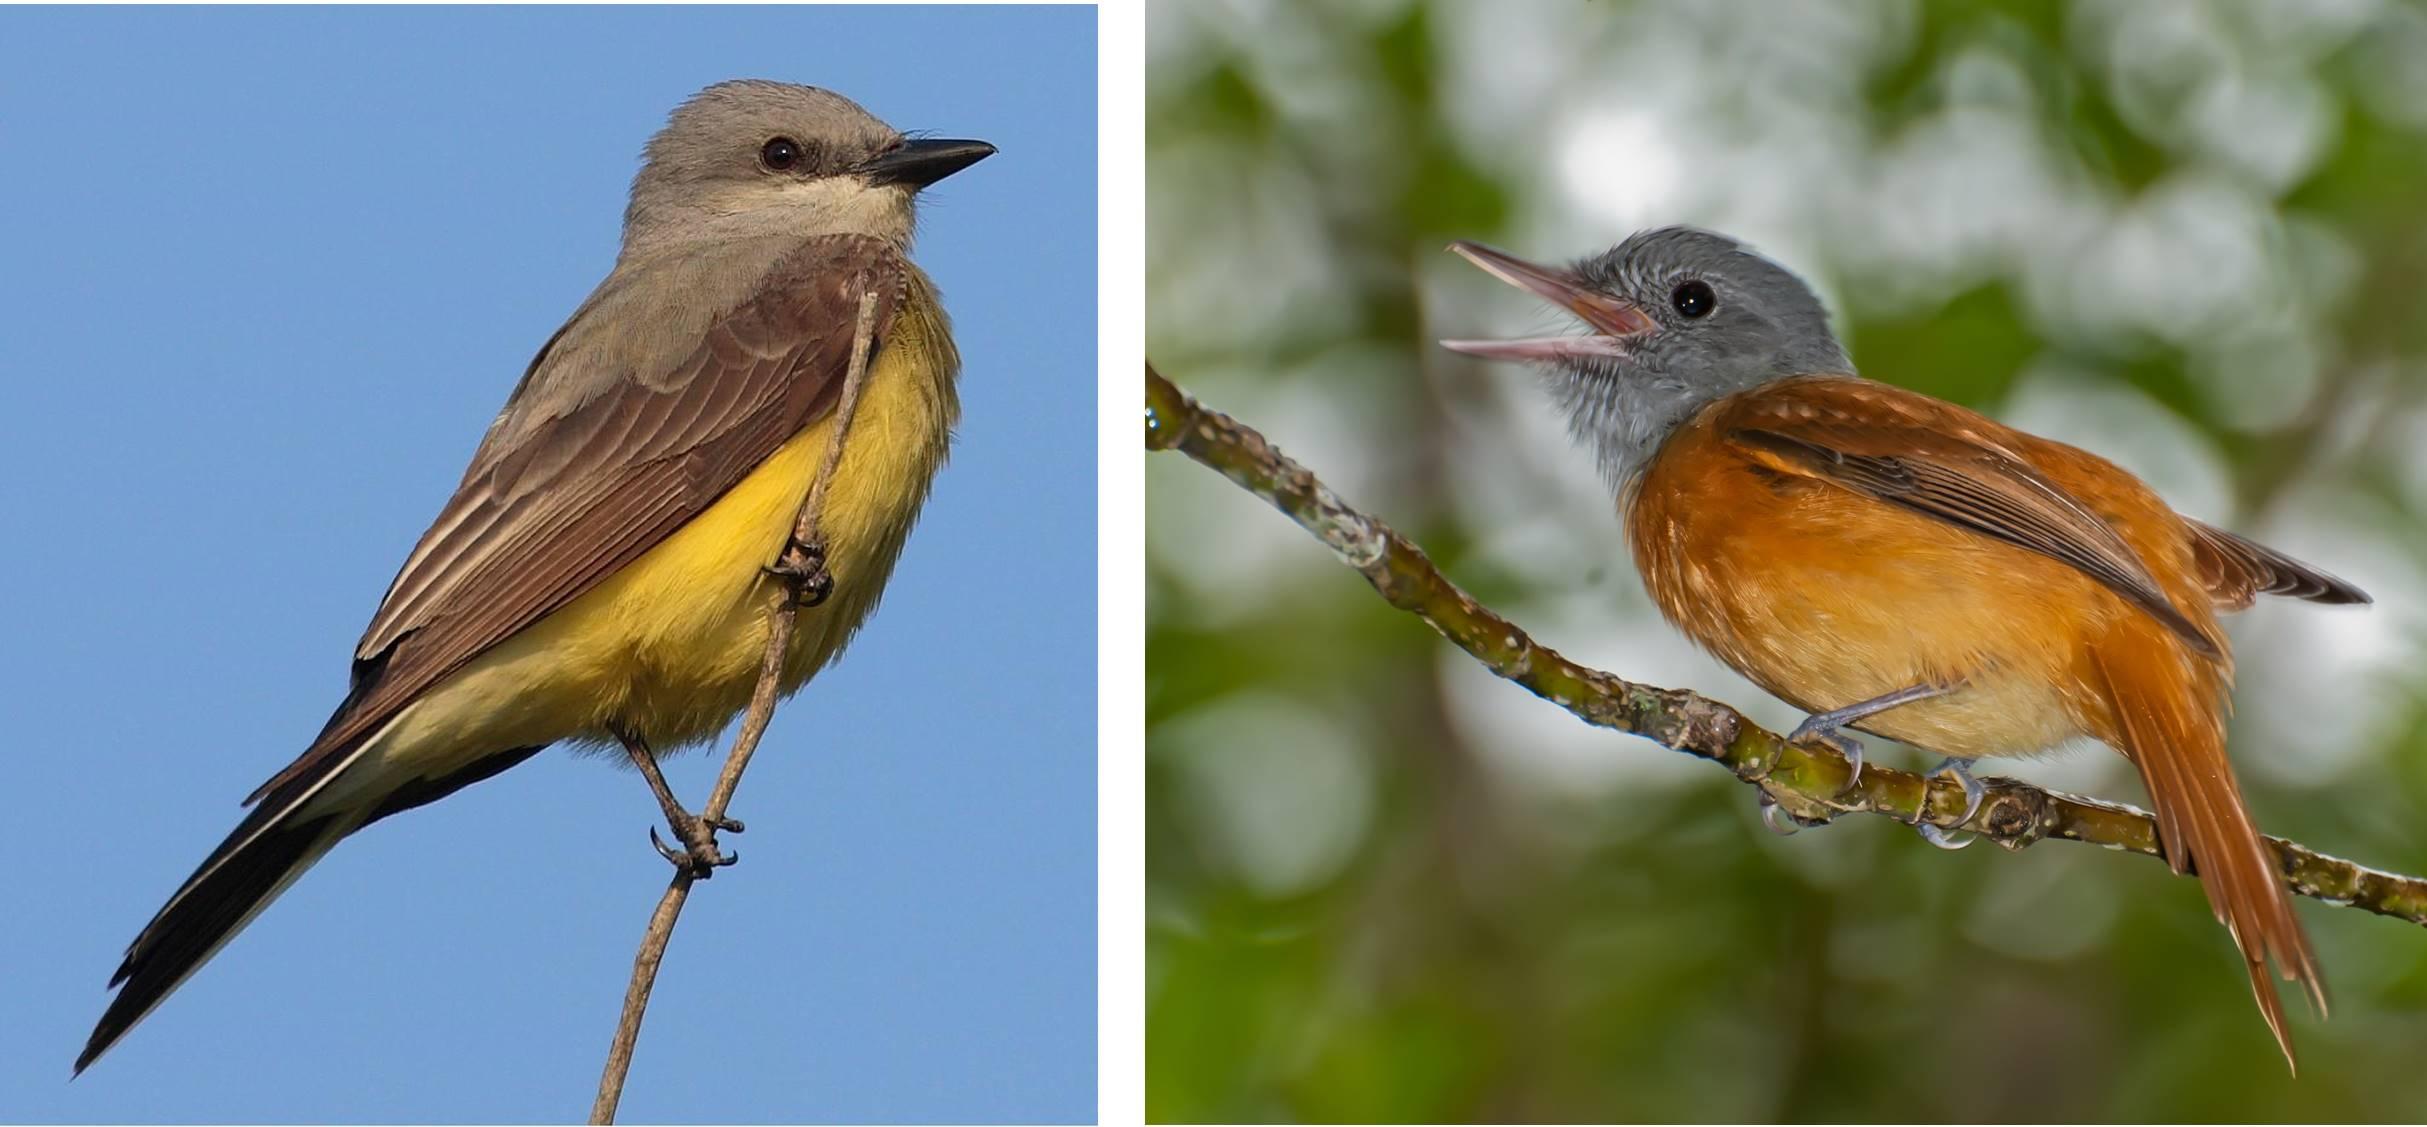 Bird biodiversity in heavy metal songs | Journal of Geek Studies